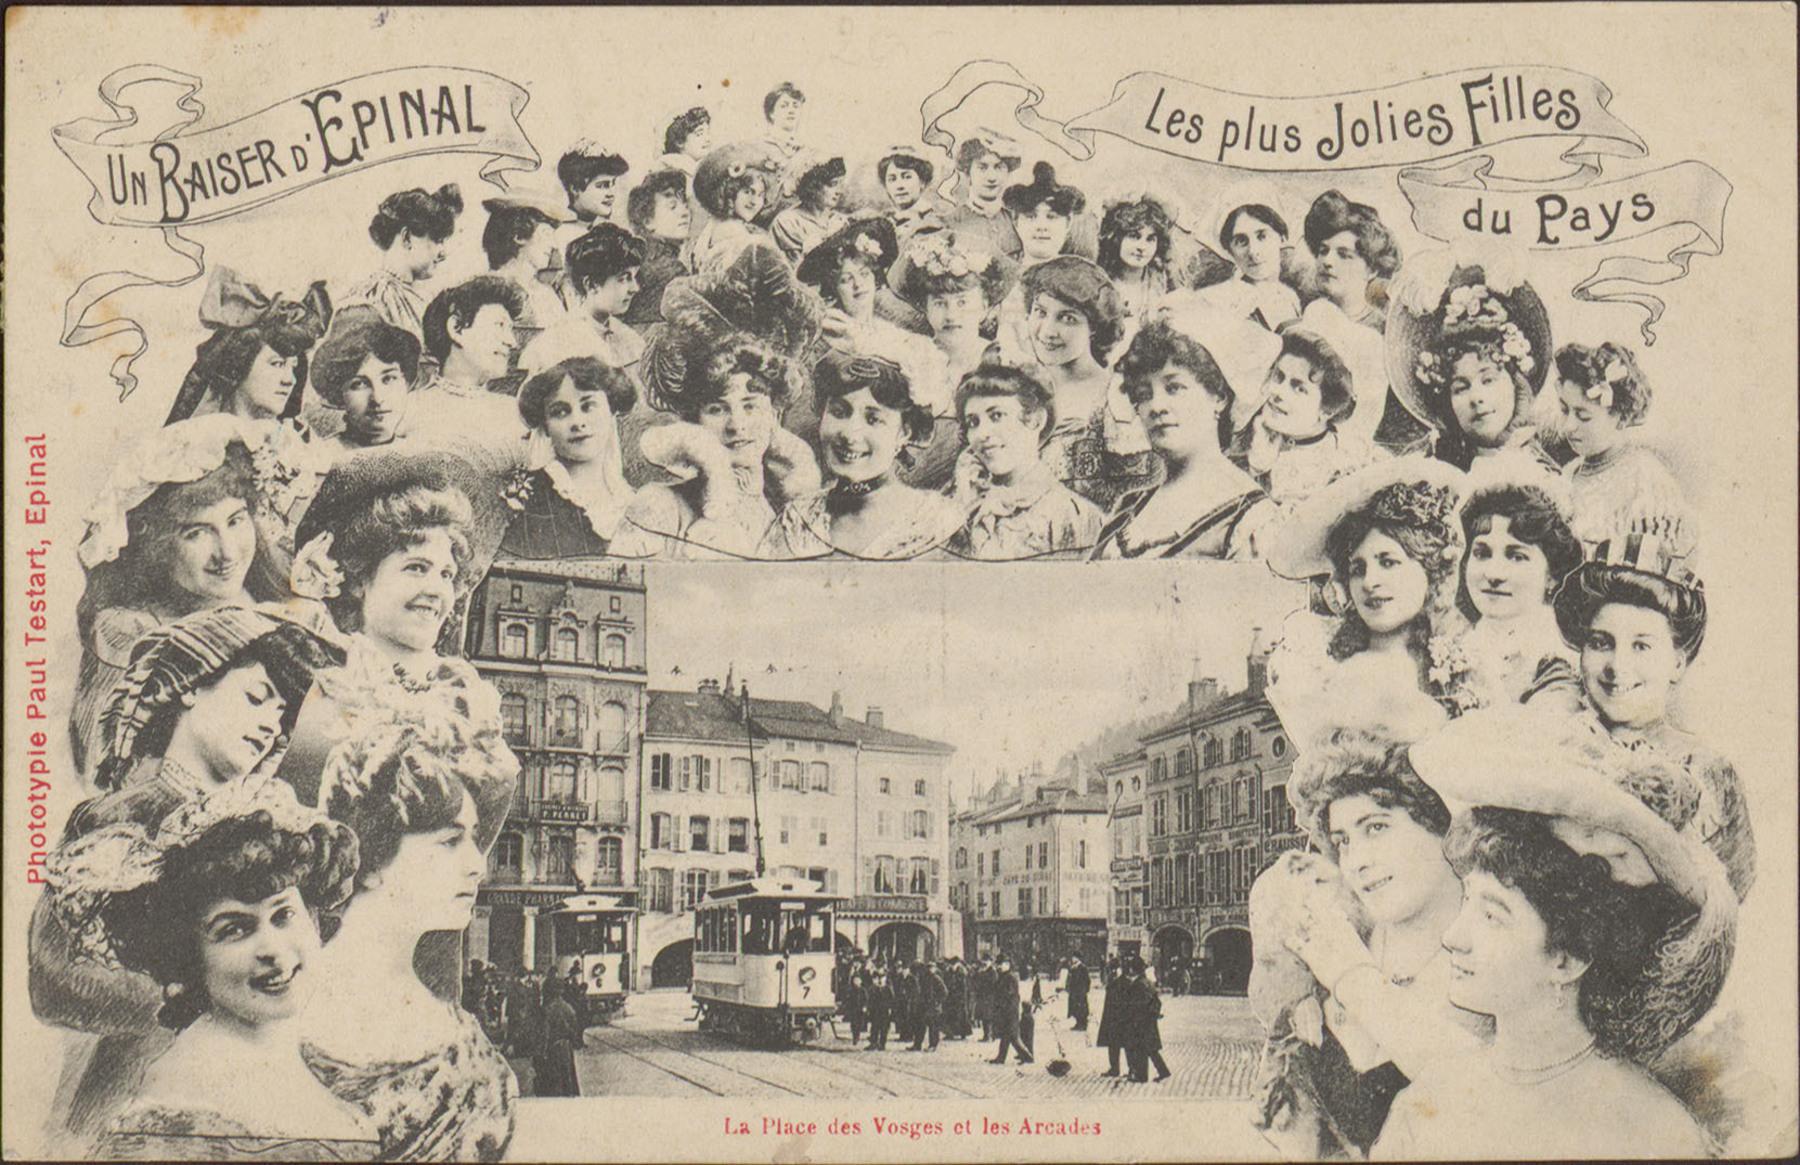 Contenu du Un Baiser d'Épinal, Les Plus jolies filles du Pays, La Place des Vosges et les Arcades.